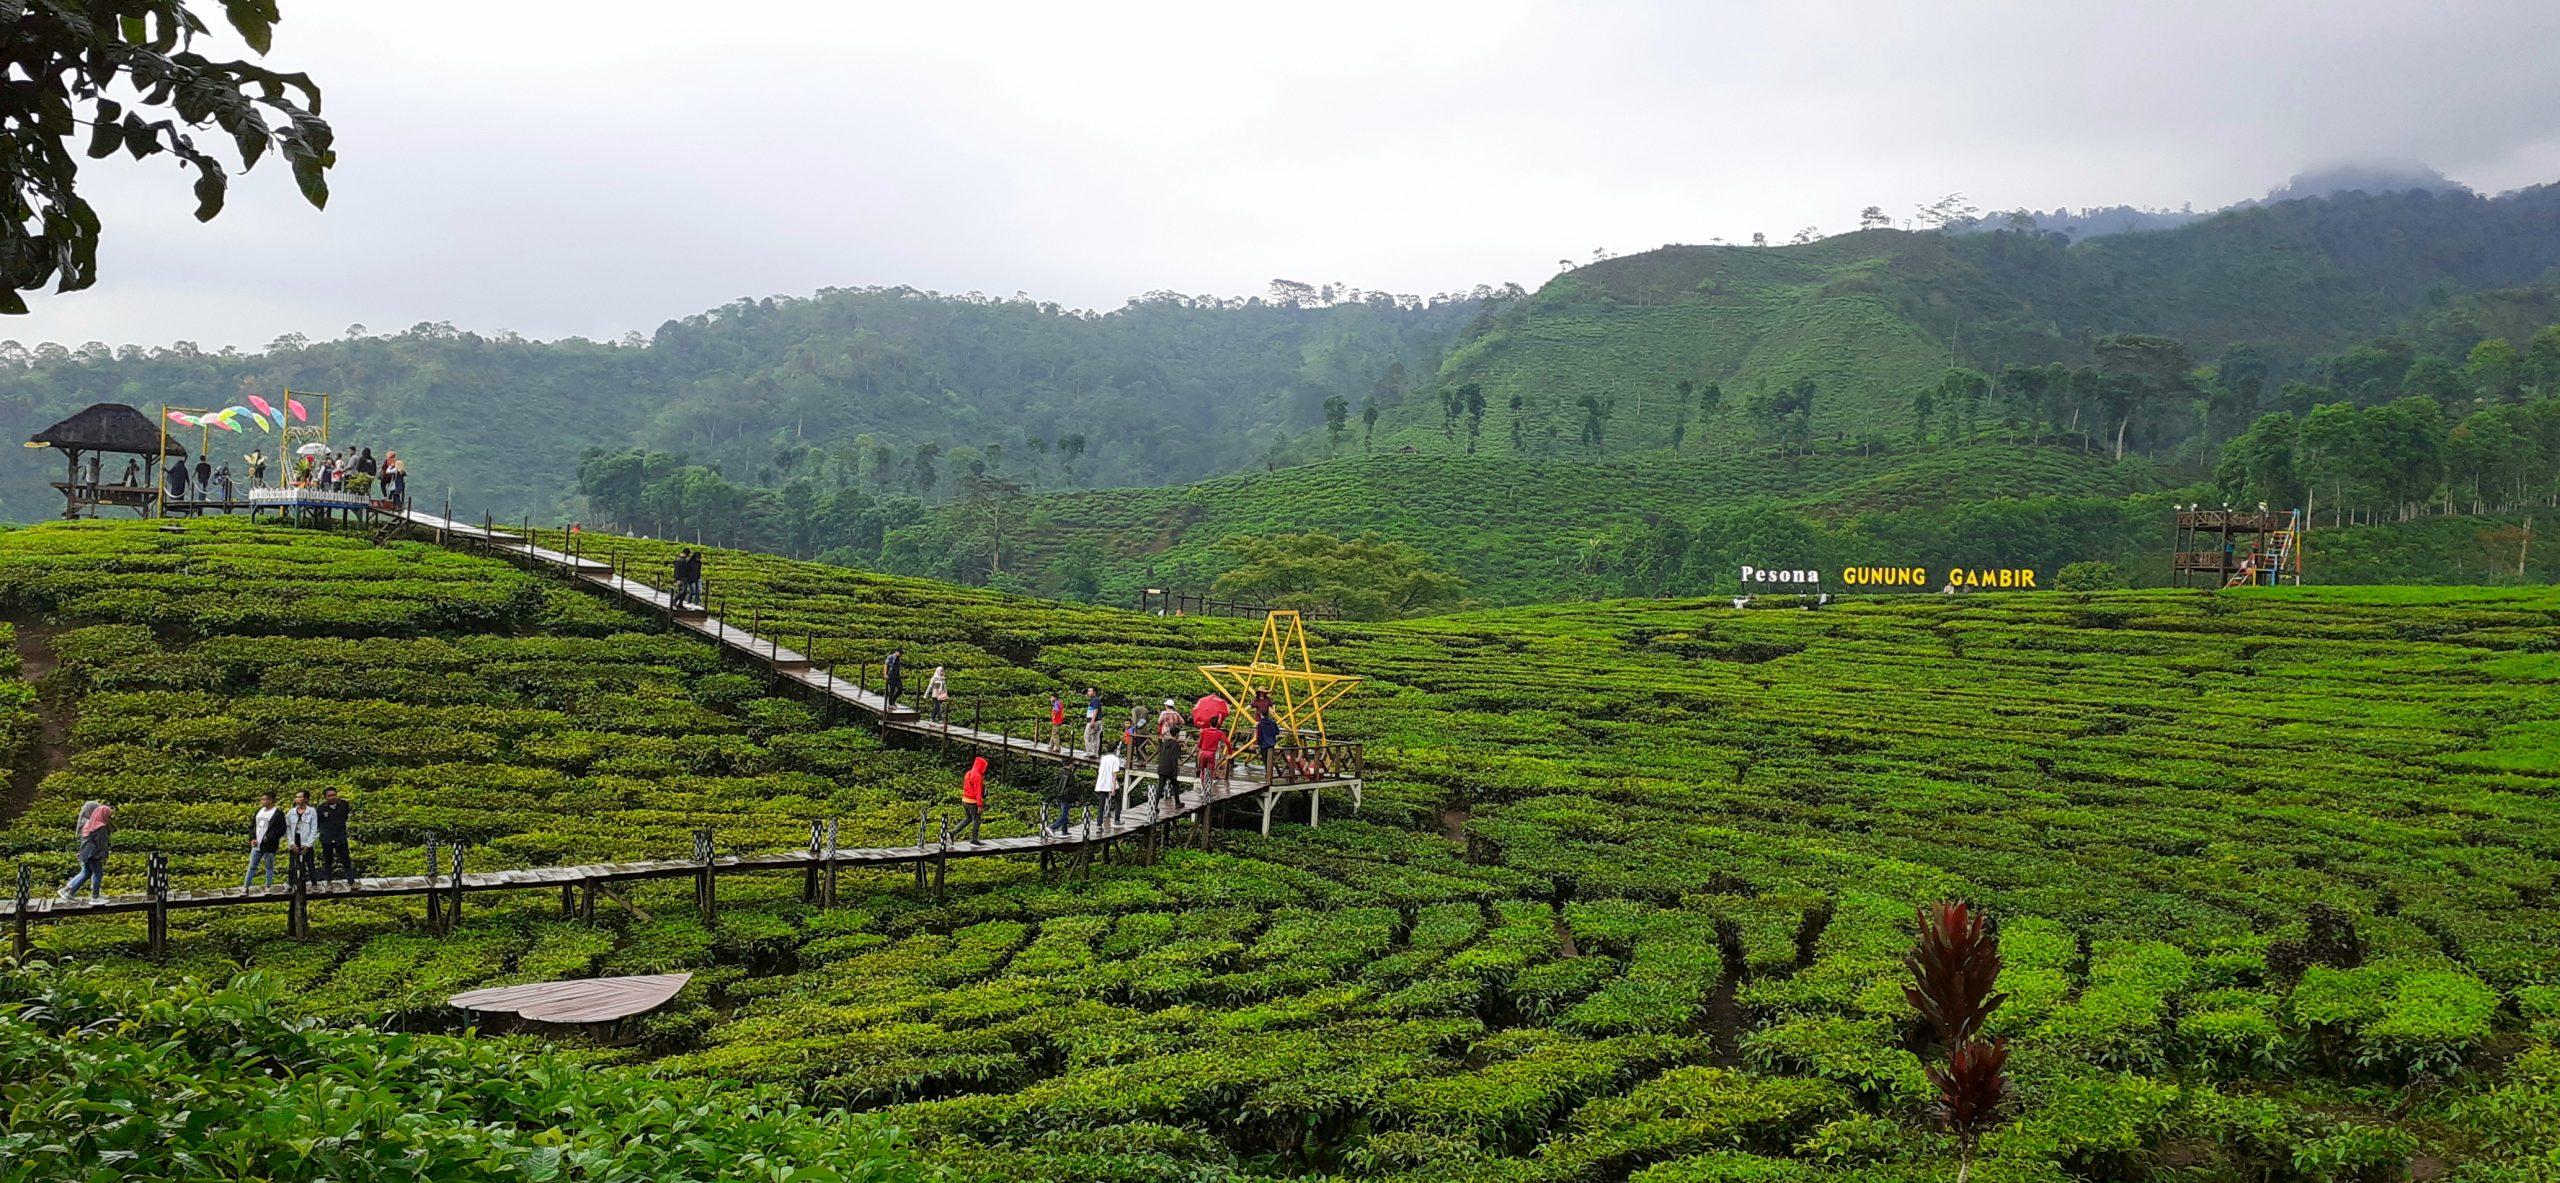 Kebun Teh Gunung Gambir di Kabupaten Jember